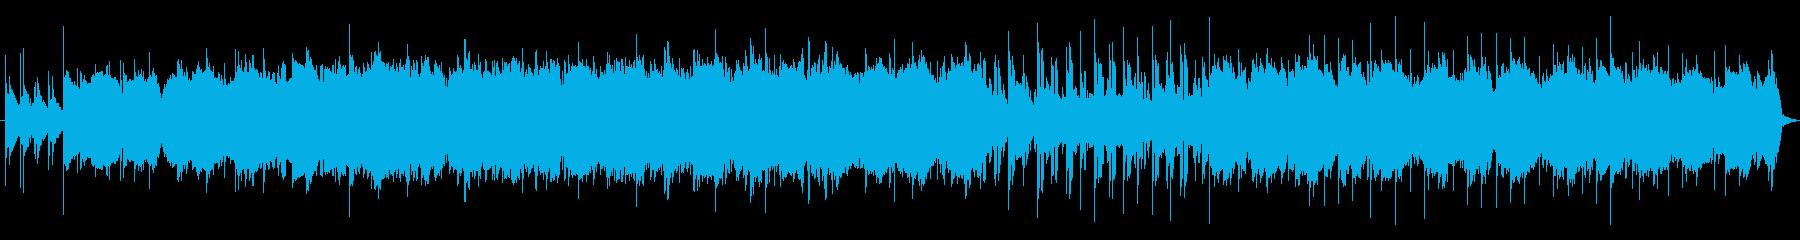 透明感のある音色のアンビエント曲の再生済みの波形